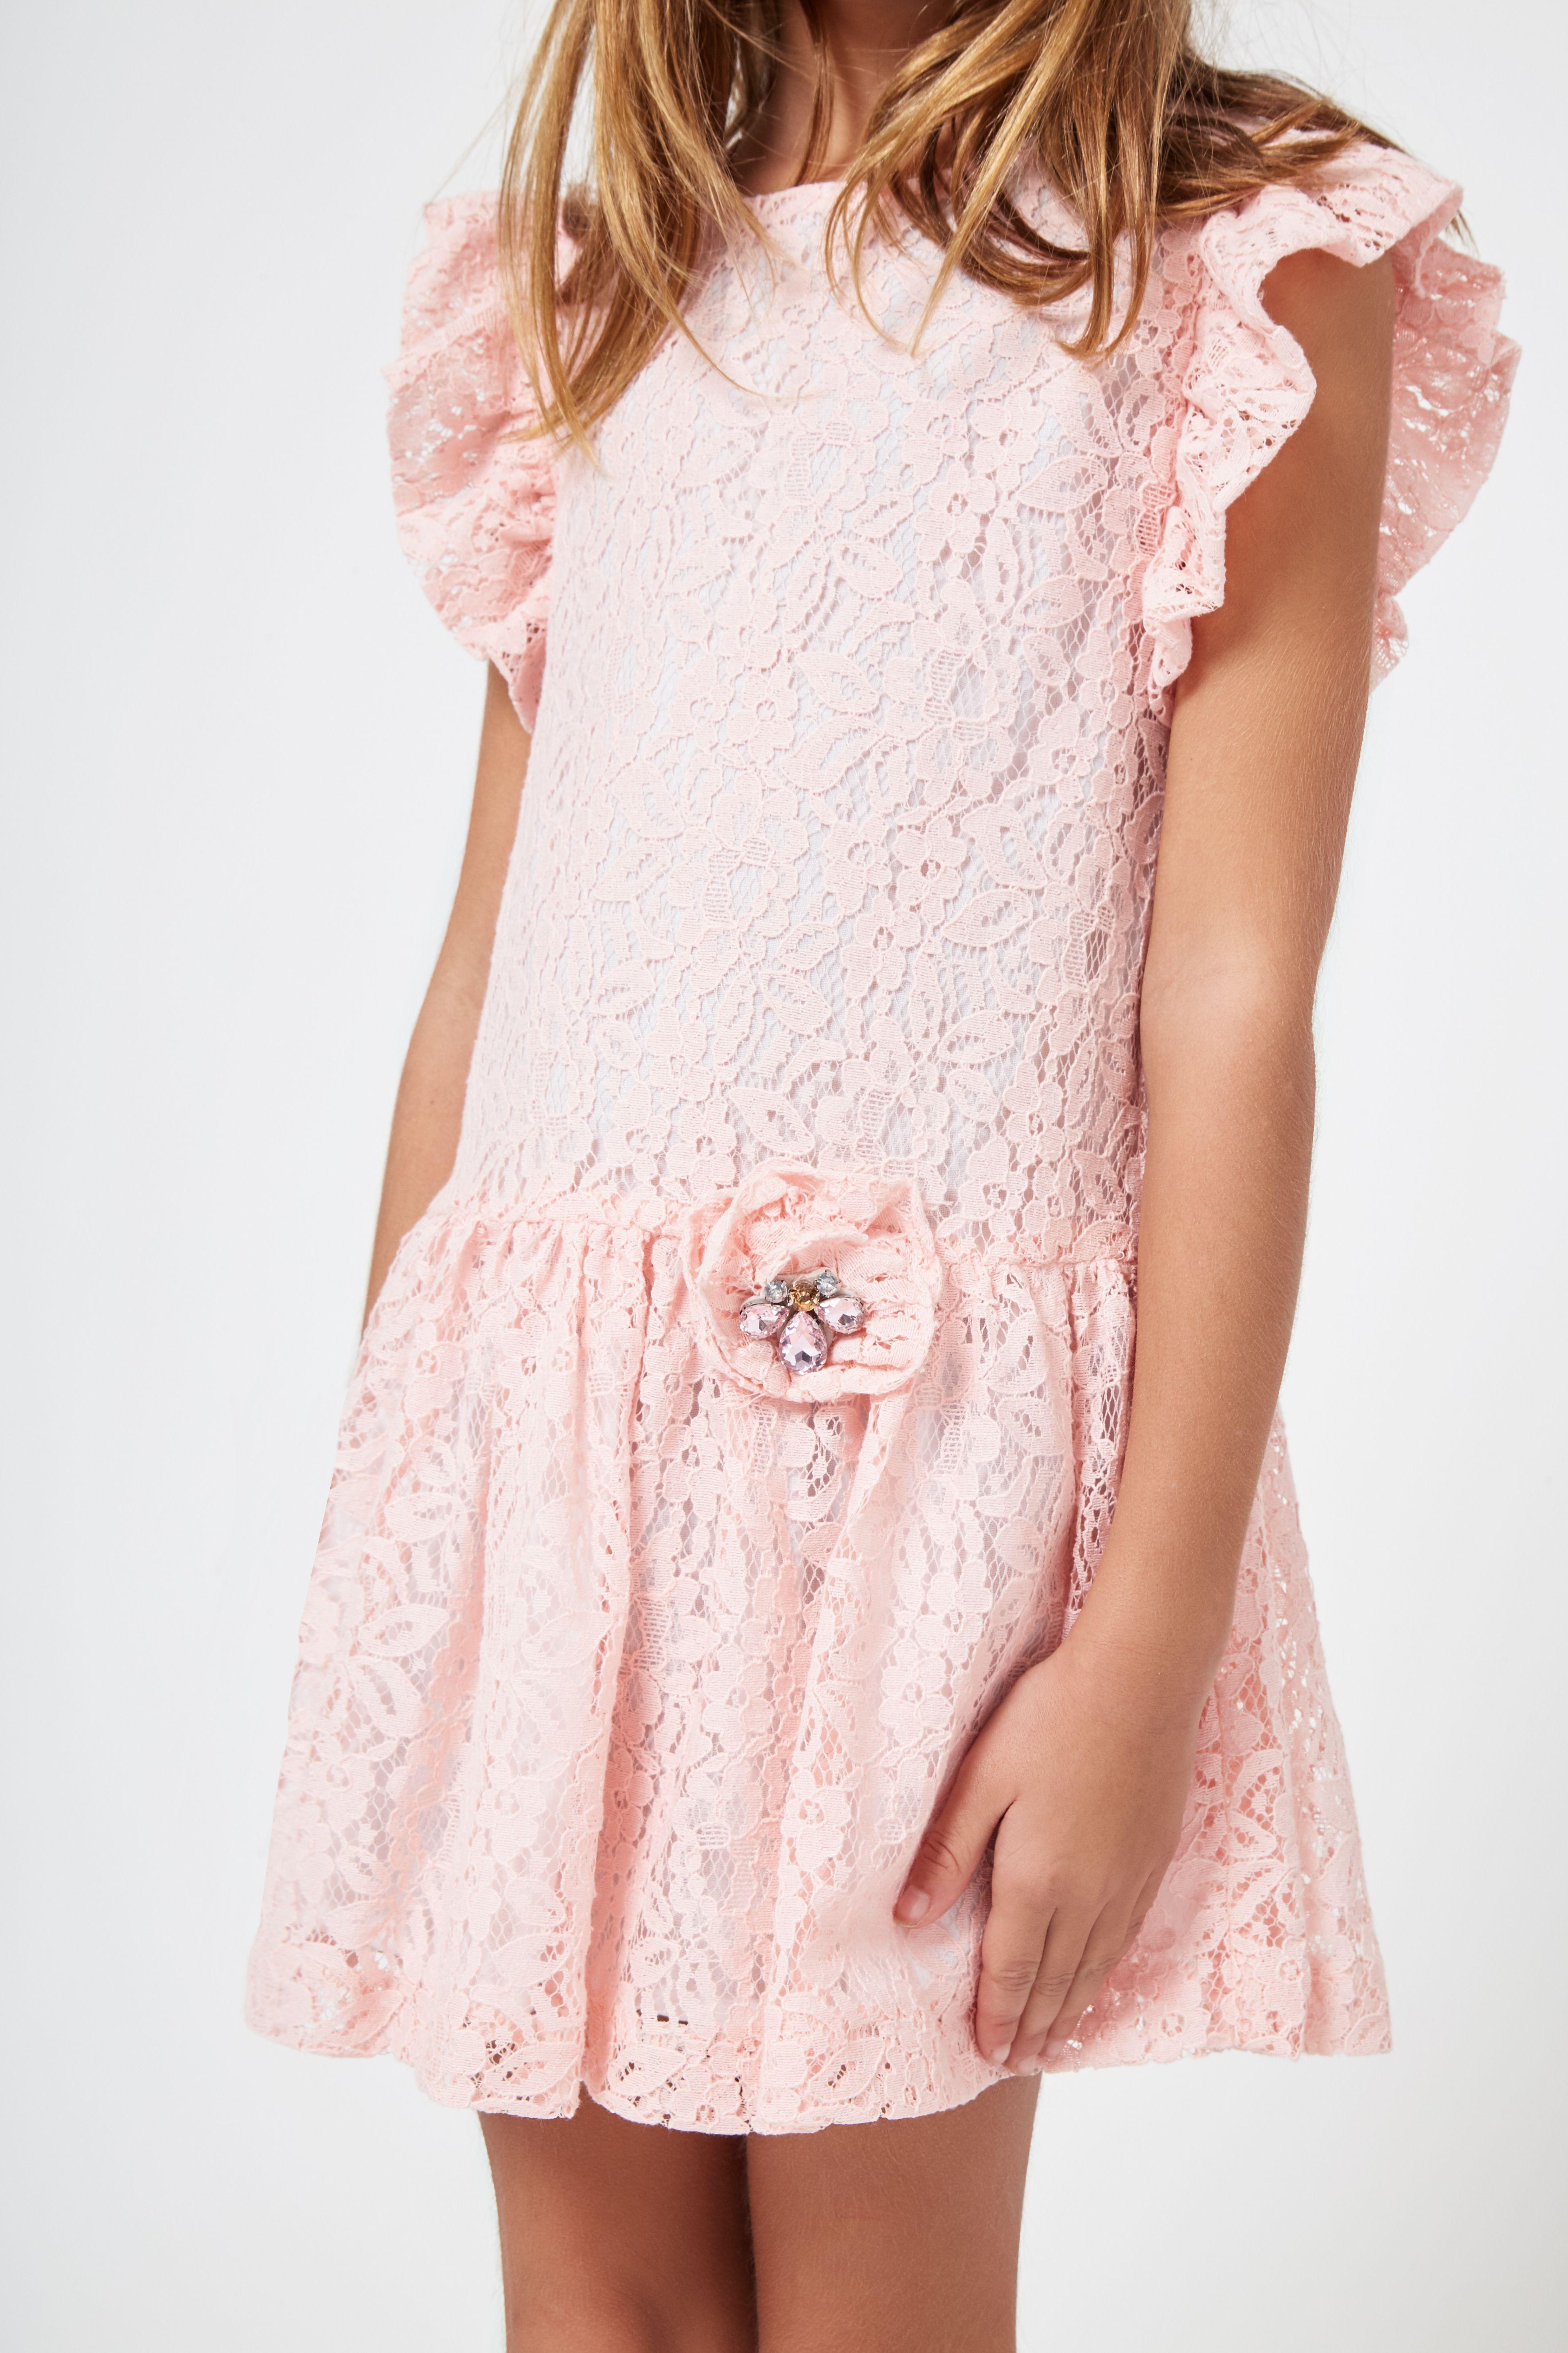 1b9c68acd Vestido de Niña Guipur Rosa - Ropa - Niña - Conguitos #kidsfashion #dress  #kids #springsummer #ss18 #vestido #guipur #rosa #modaniña #niña